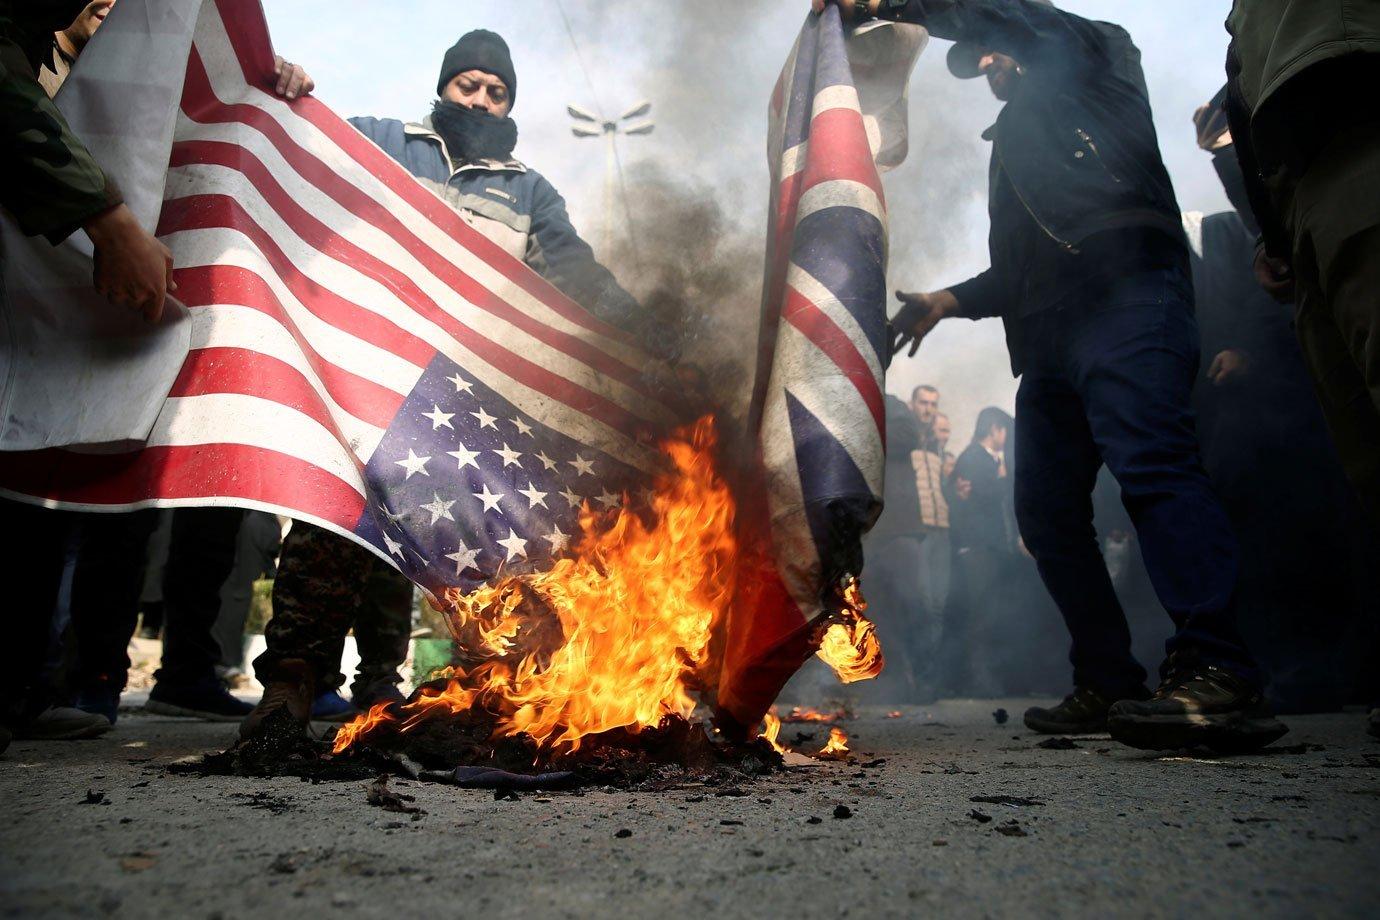 Protesto queima bandeira dos EUA após ataque no Iraque